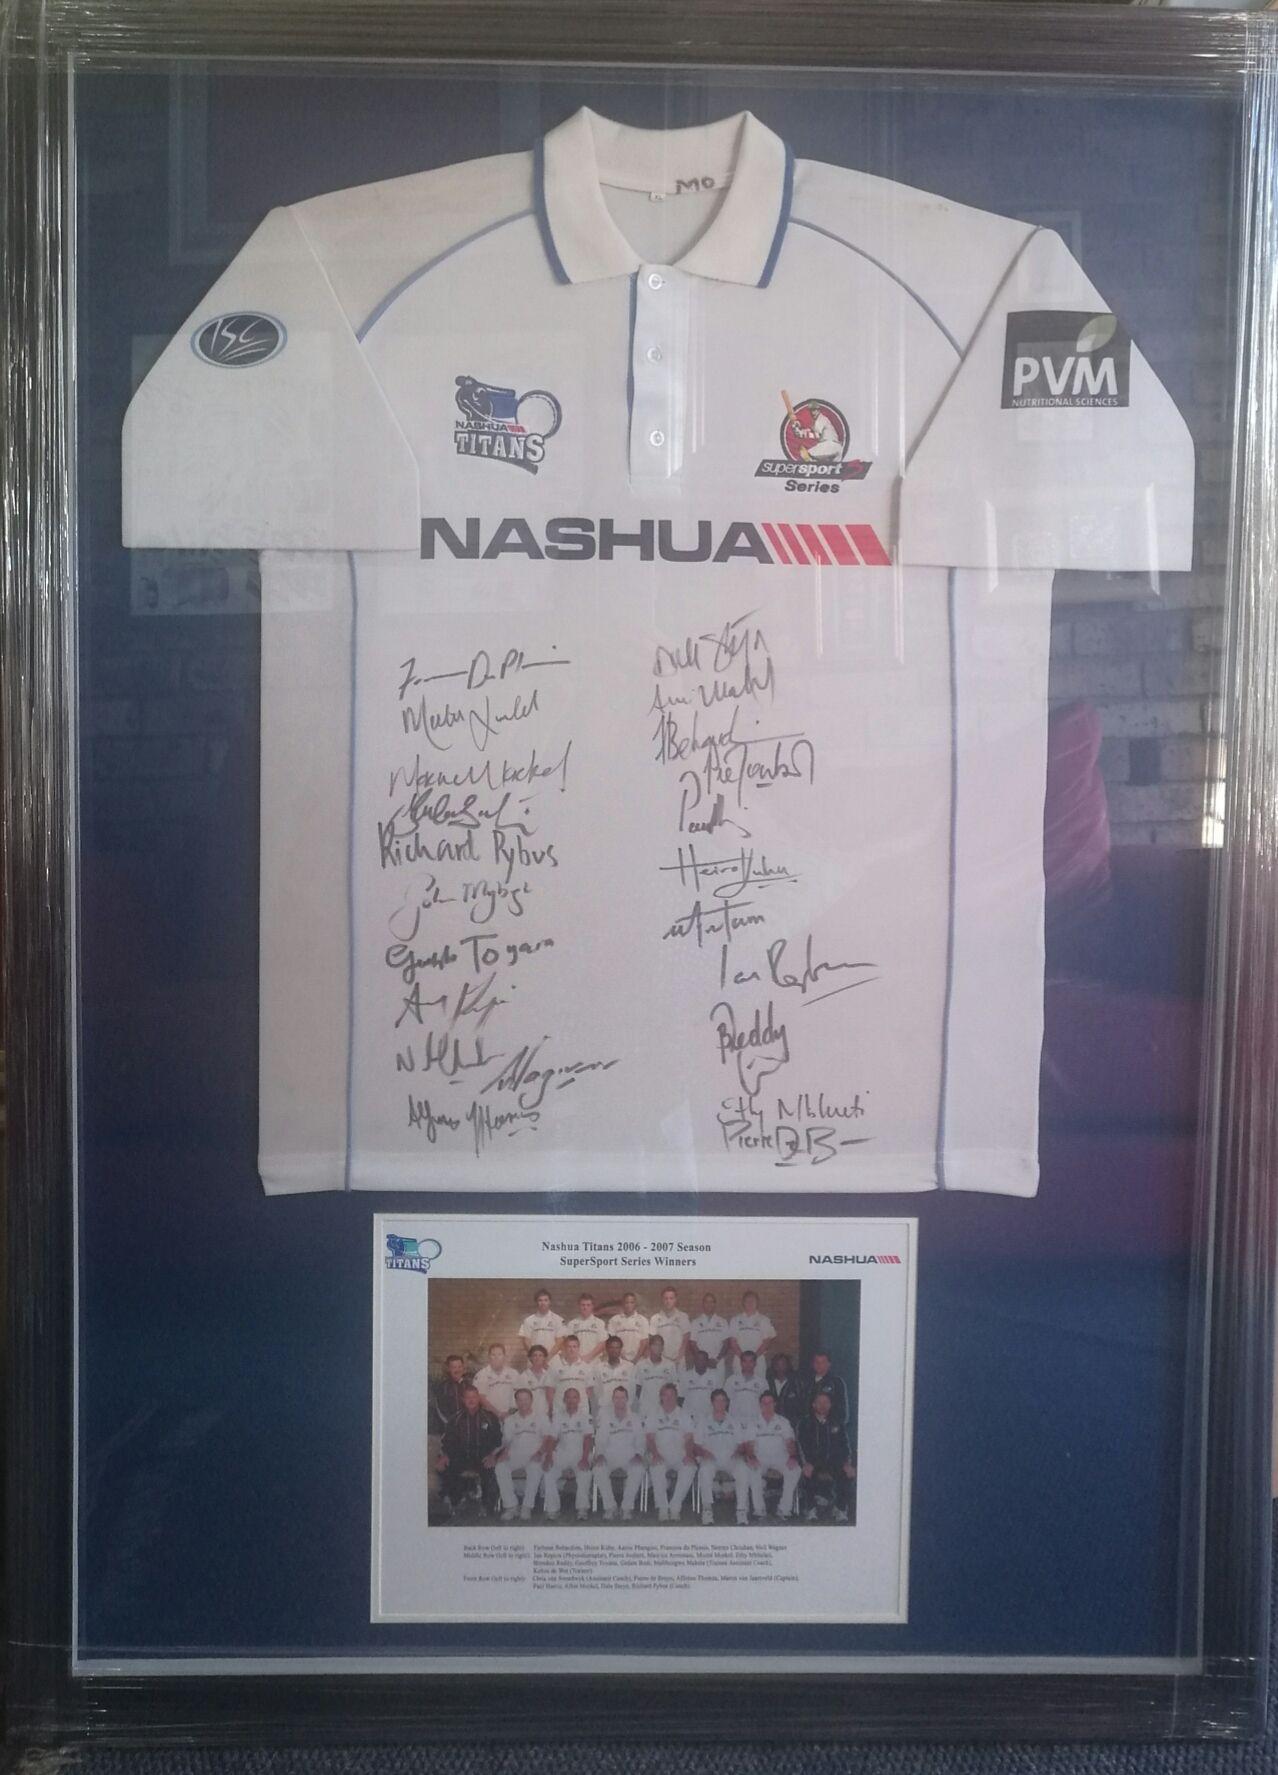 Another Cricket Jersey beautifully framed by the Kretschmann art ...